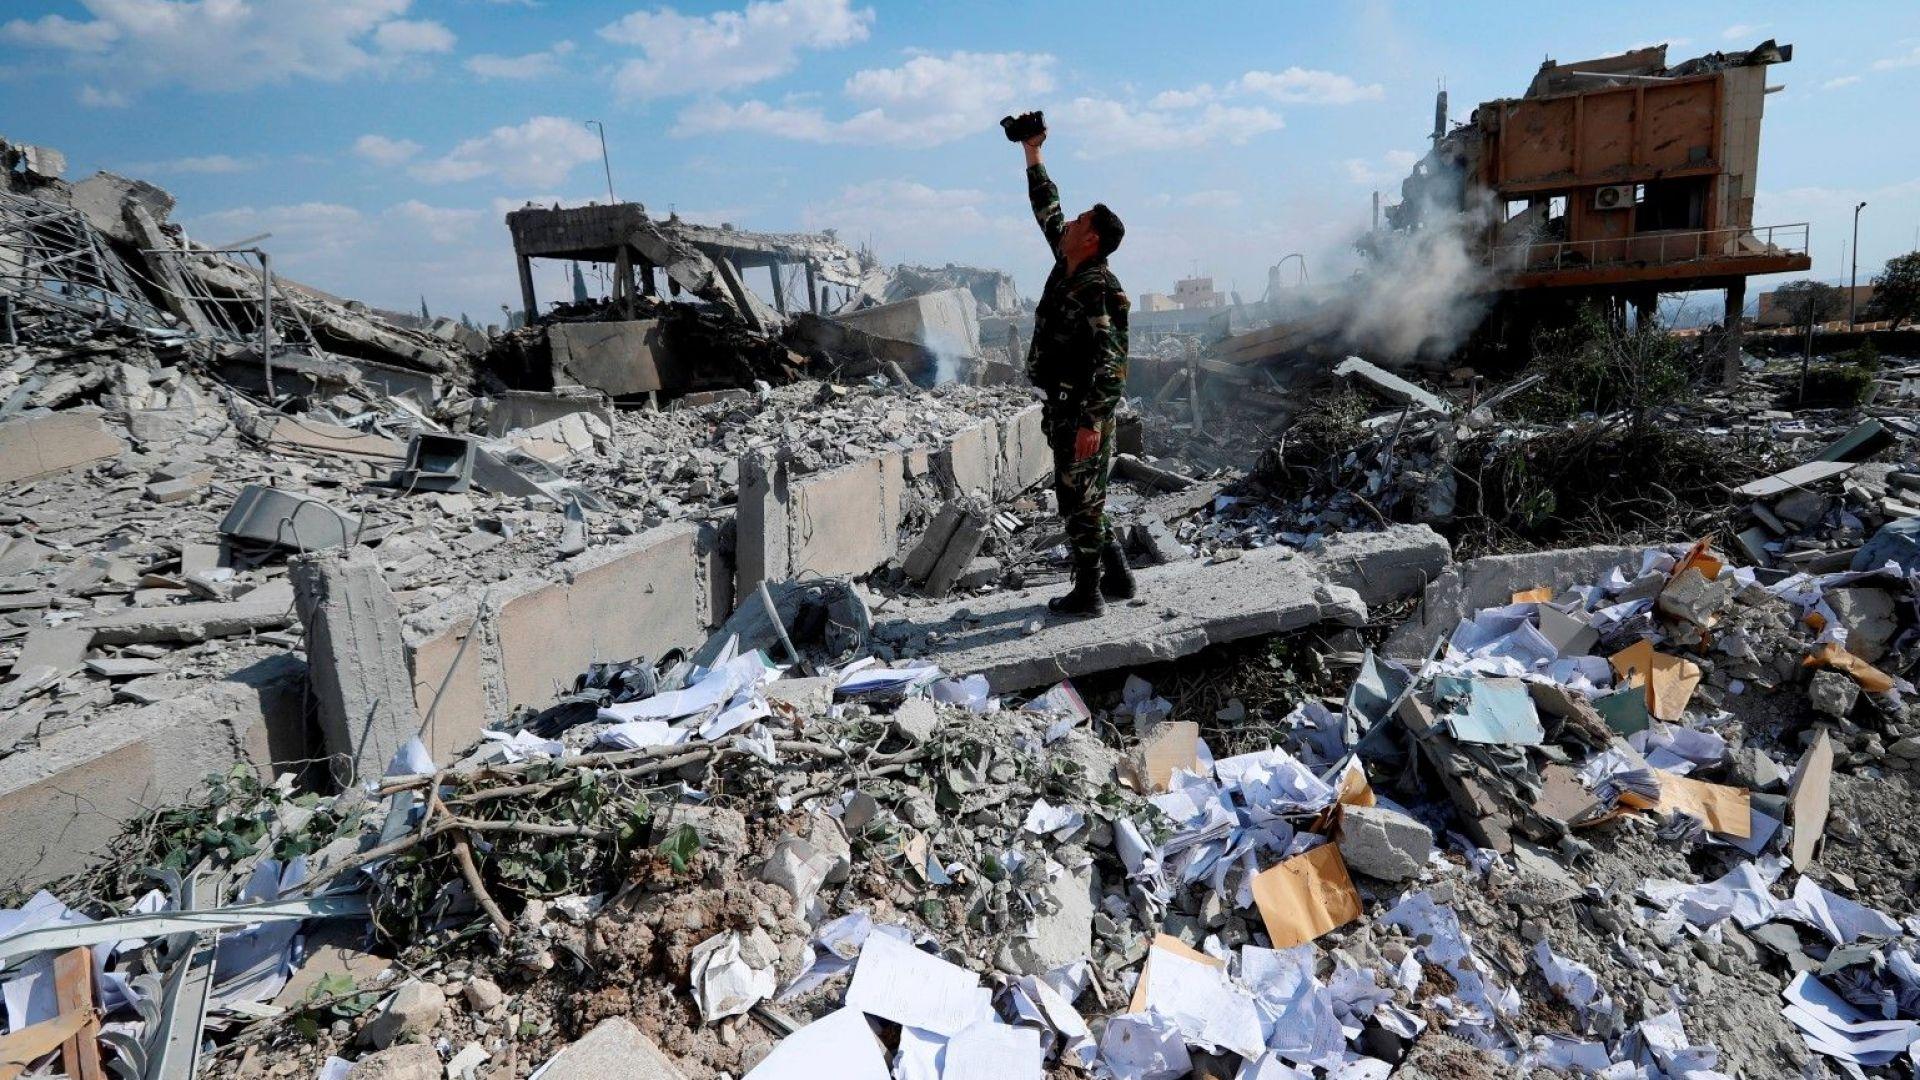 Тръмп даде на Путин кюрдите в Северна Сирия. Въпросът е какво ще иска в замяна?